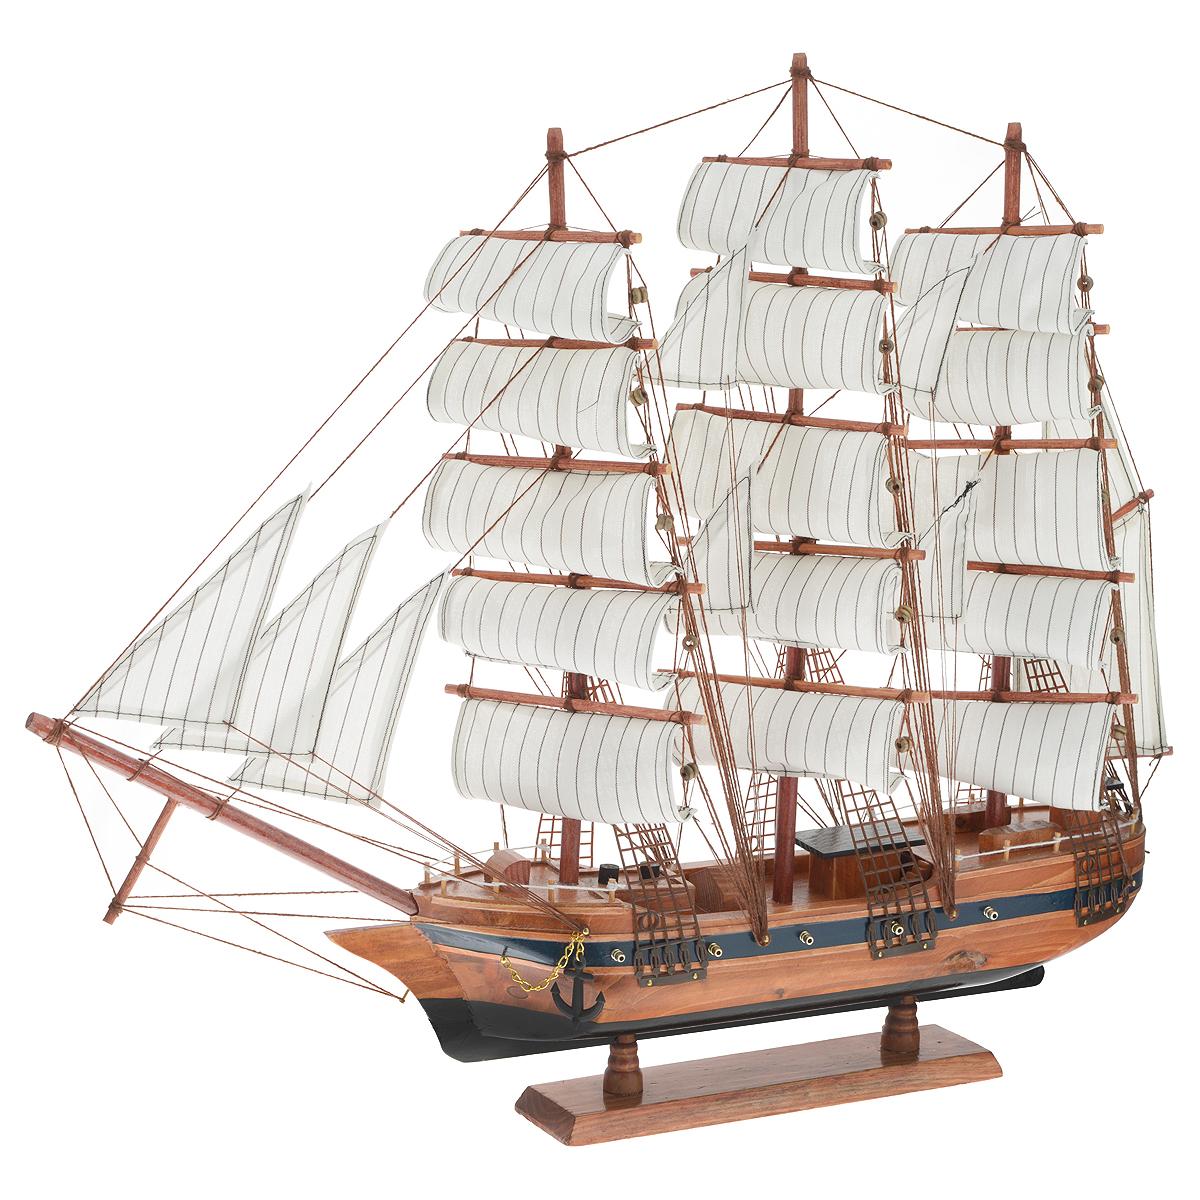 Корабль сувенирный Паруса, длина 60 см417247Сувенирный корабль Паруса, изготовленный из дерева и текстиля, это великолепный элемент декора рабочей зоны в офисе или кабинете. Корабль с парусами и якорями помещен на деревянную подставку. Время идет, и мы становимся свидетелями развития технического прогресса, новых учений и практик. Но одно не подвластно времени - это любовь человека к морю и кораблям. Сувенирный корабль наполнен историей и силой океанских вод. Данная модель кораблика станет отличным подарком для всех любителей морей, поклонников историй о покорении океанов и неизведанных земель. Модель корабля - подарок со смыслом. Издавна на Руси считалось, что корабли приносят удачу и везение. Поэтому их изображения, фигурки и точные копии всегда присутствовали в помещениях. Удивите себя и своих близких необычным презентом.